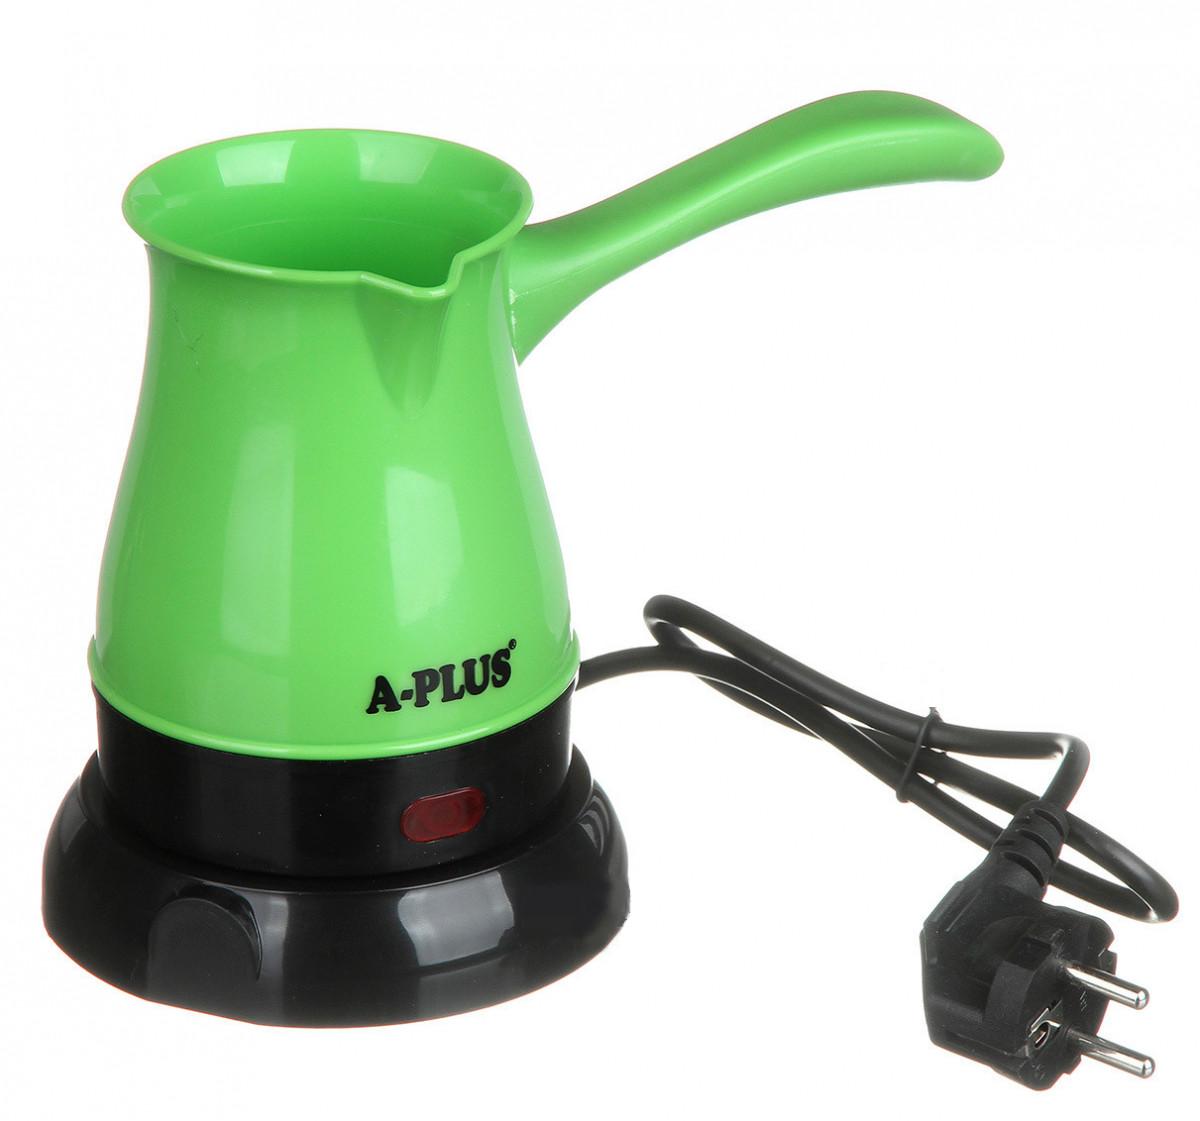 Электрокофеварка кофеварка электрическая турка электротурка розетка 220В 0,5L дисковый 600 Вт А-плюс Зеленый